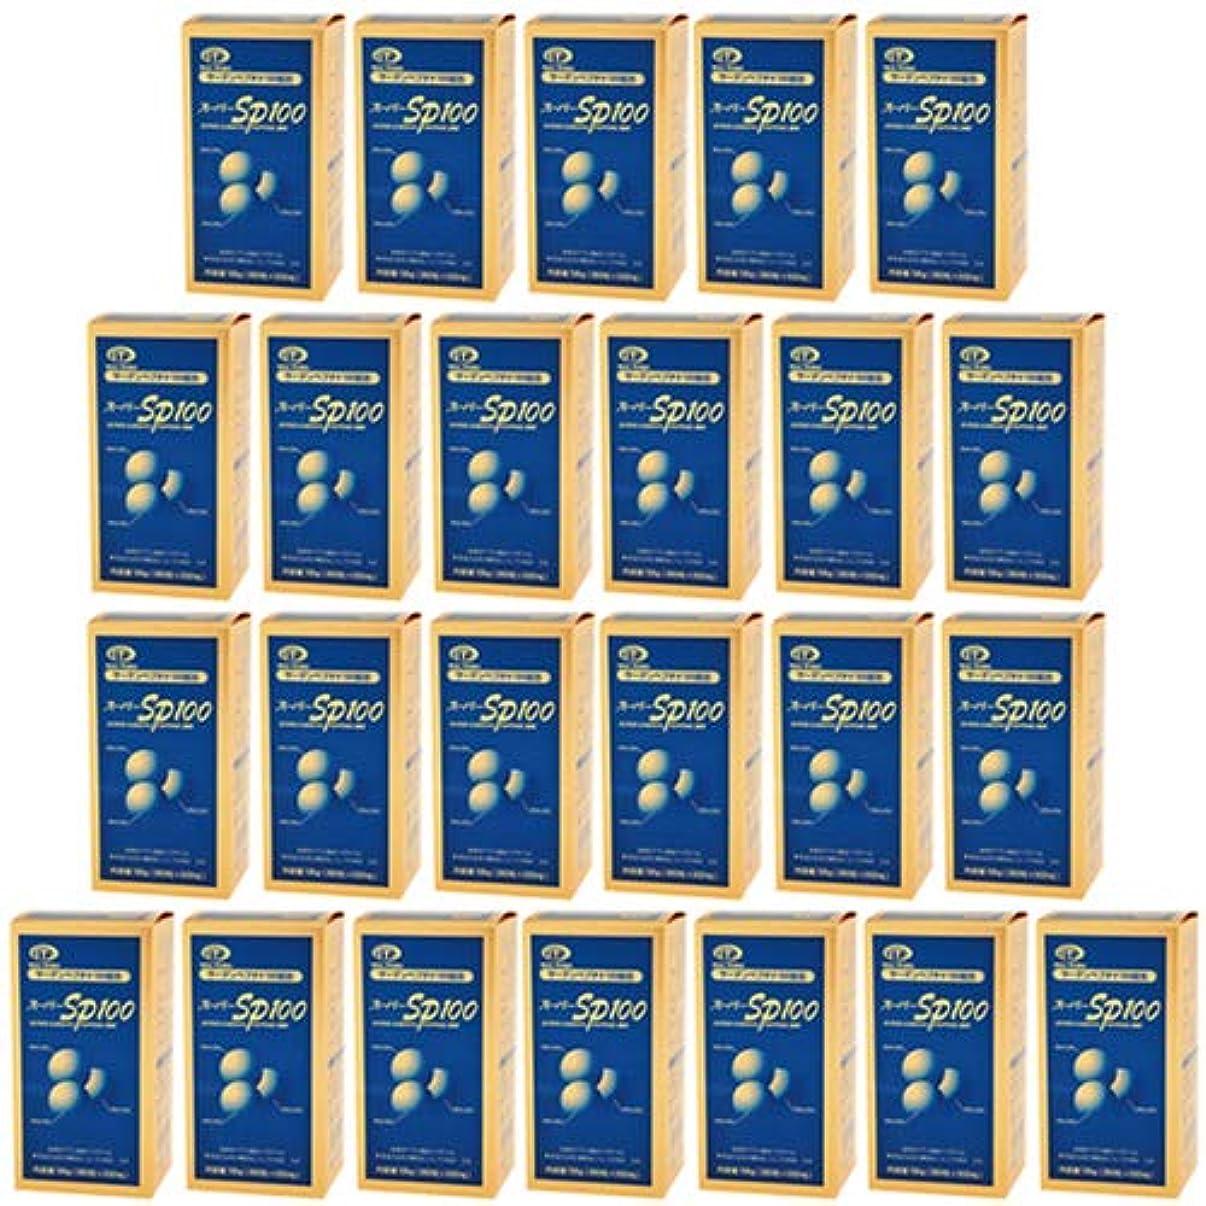 混乱した精緻化仮定、想定。推測スーパーSP100(イワシペプチド)(360粒) 24箱